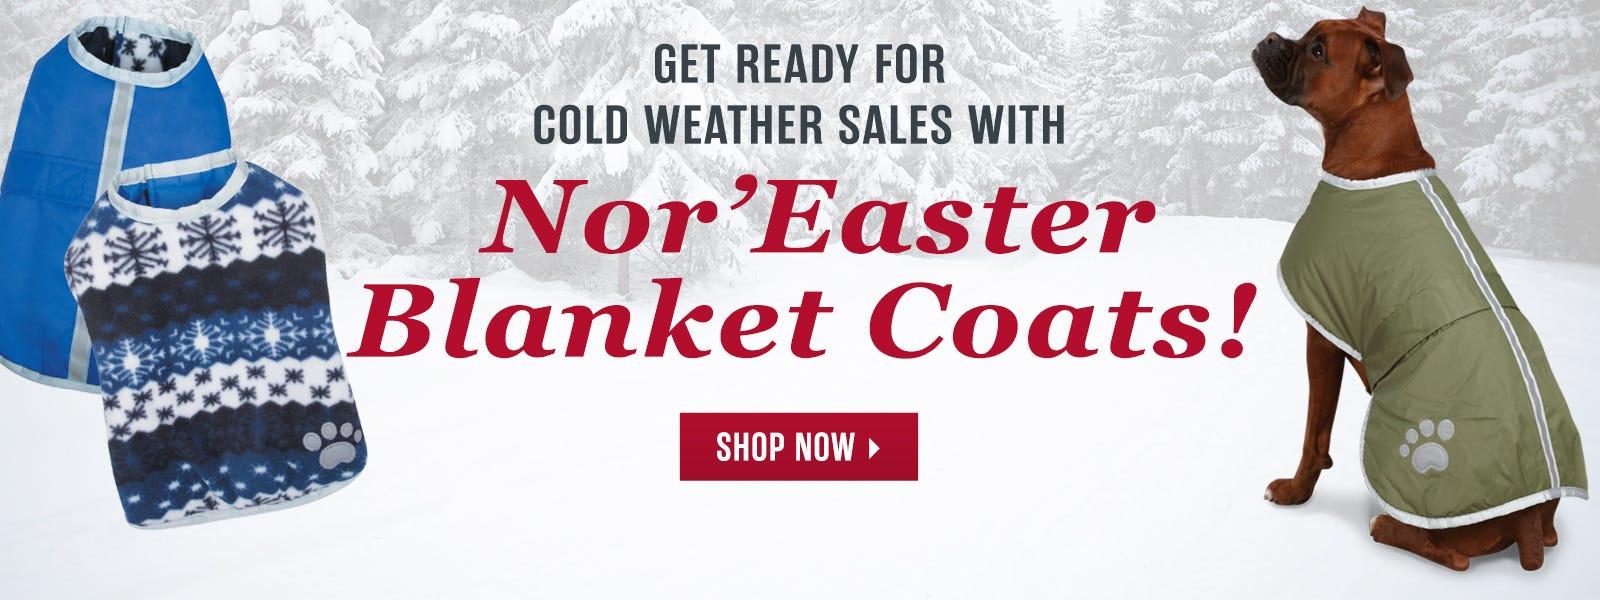 NorEaster Blanket Coats